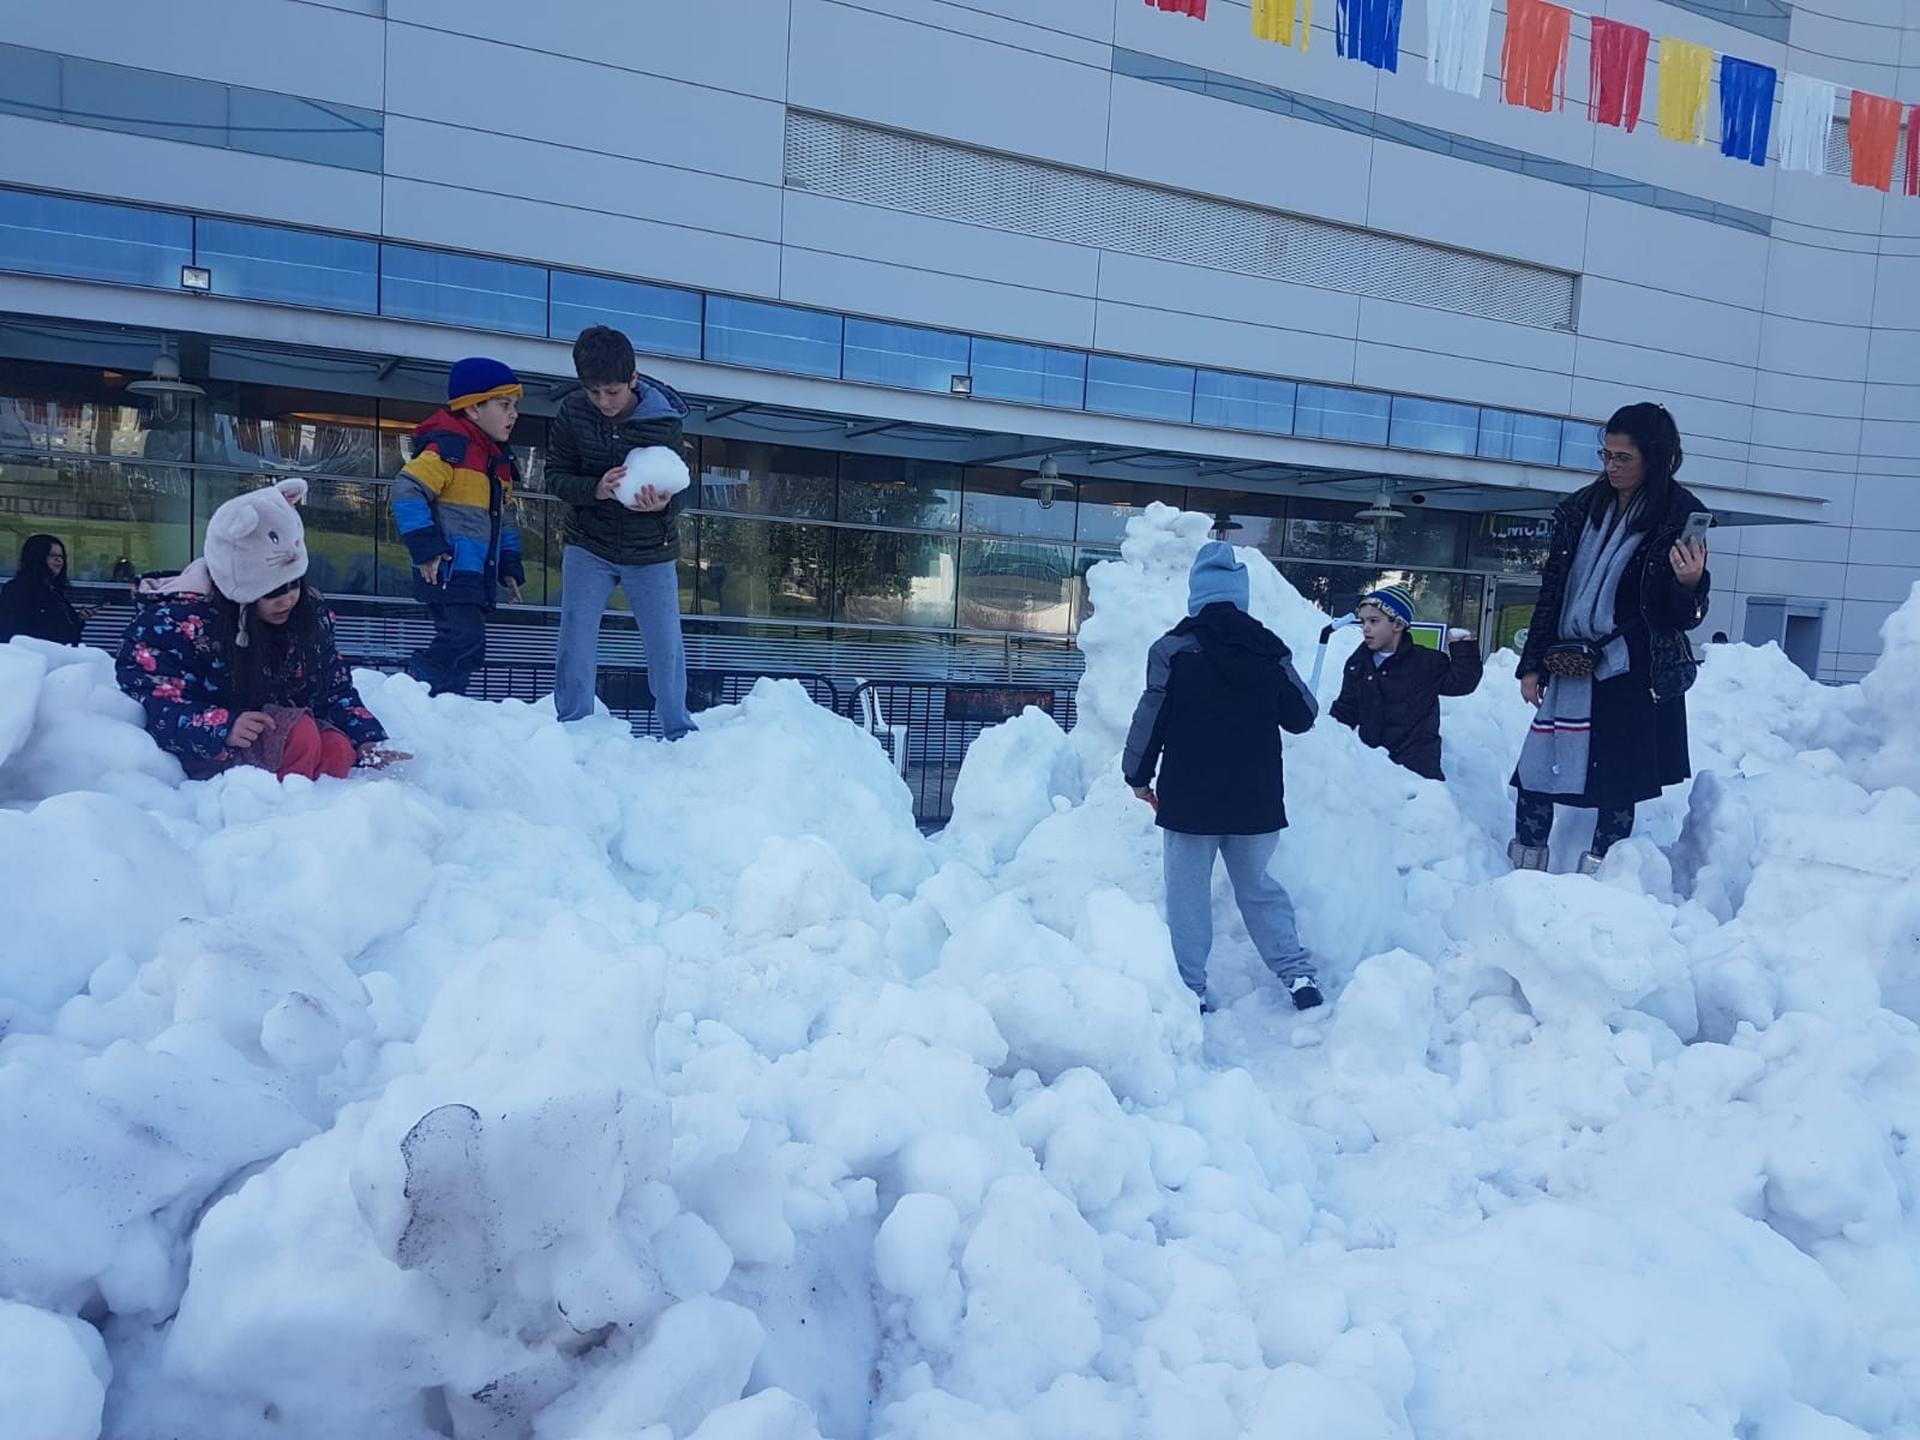 השלג מגיע לקניון עיר ימים